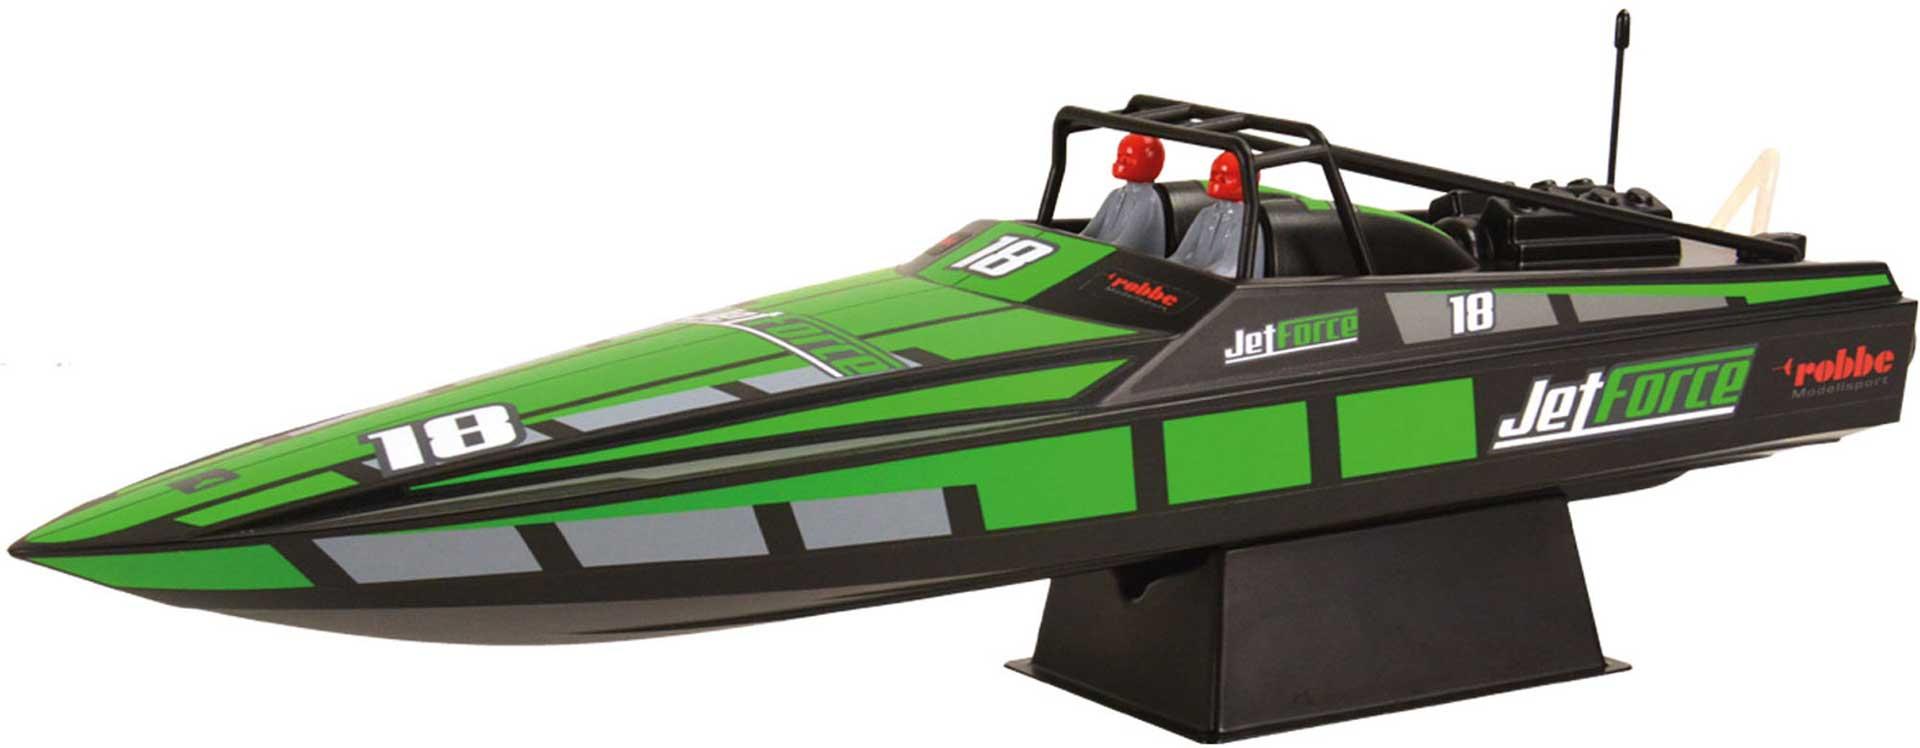 Robbe Modellsport JET FORCE RACE BOAT 1:6 ARTR B-WARE / 2.WAHL SVR!!!!!